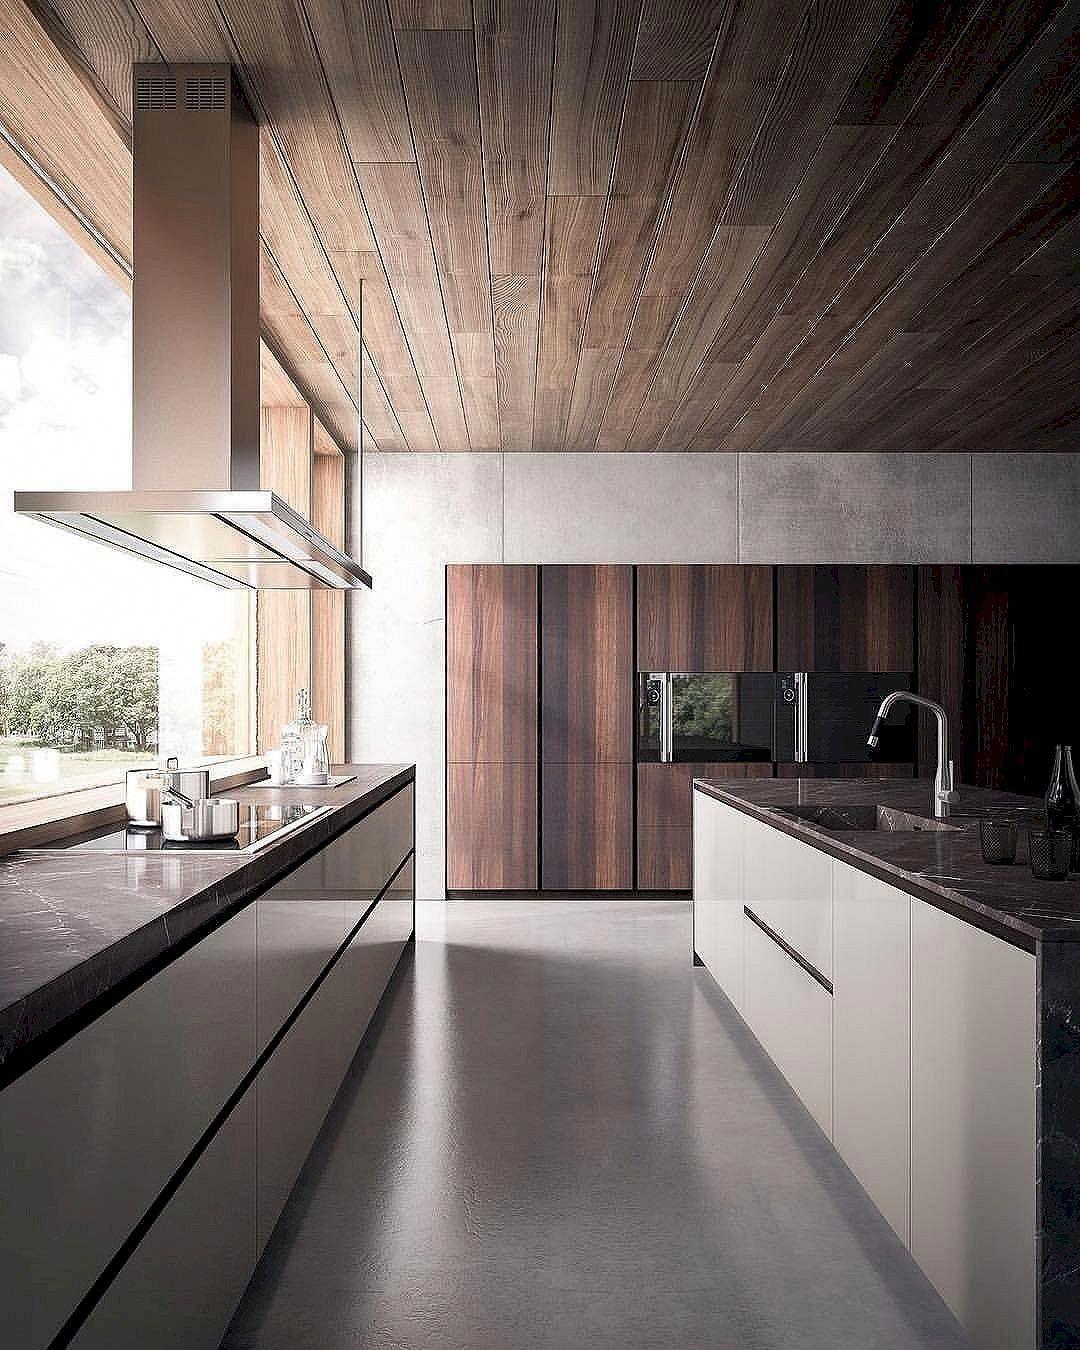 Photo of Perfekt utformet moderne kjøkkeninspirasjon 37 # moderne kjøkken